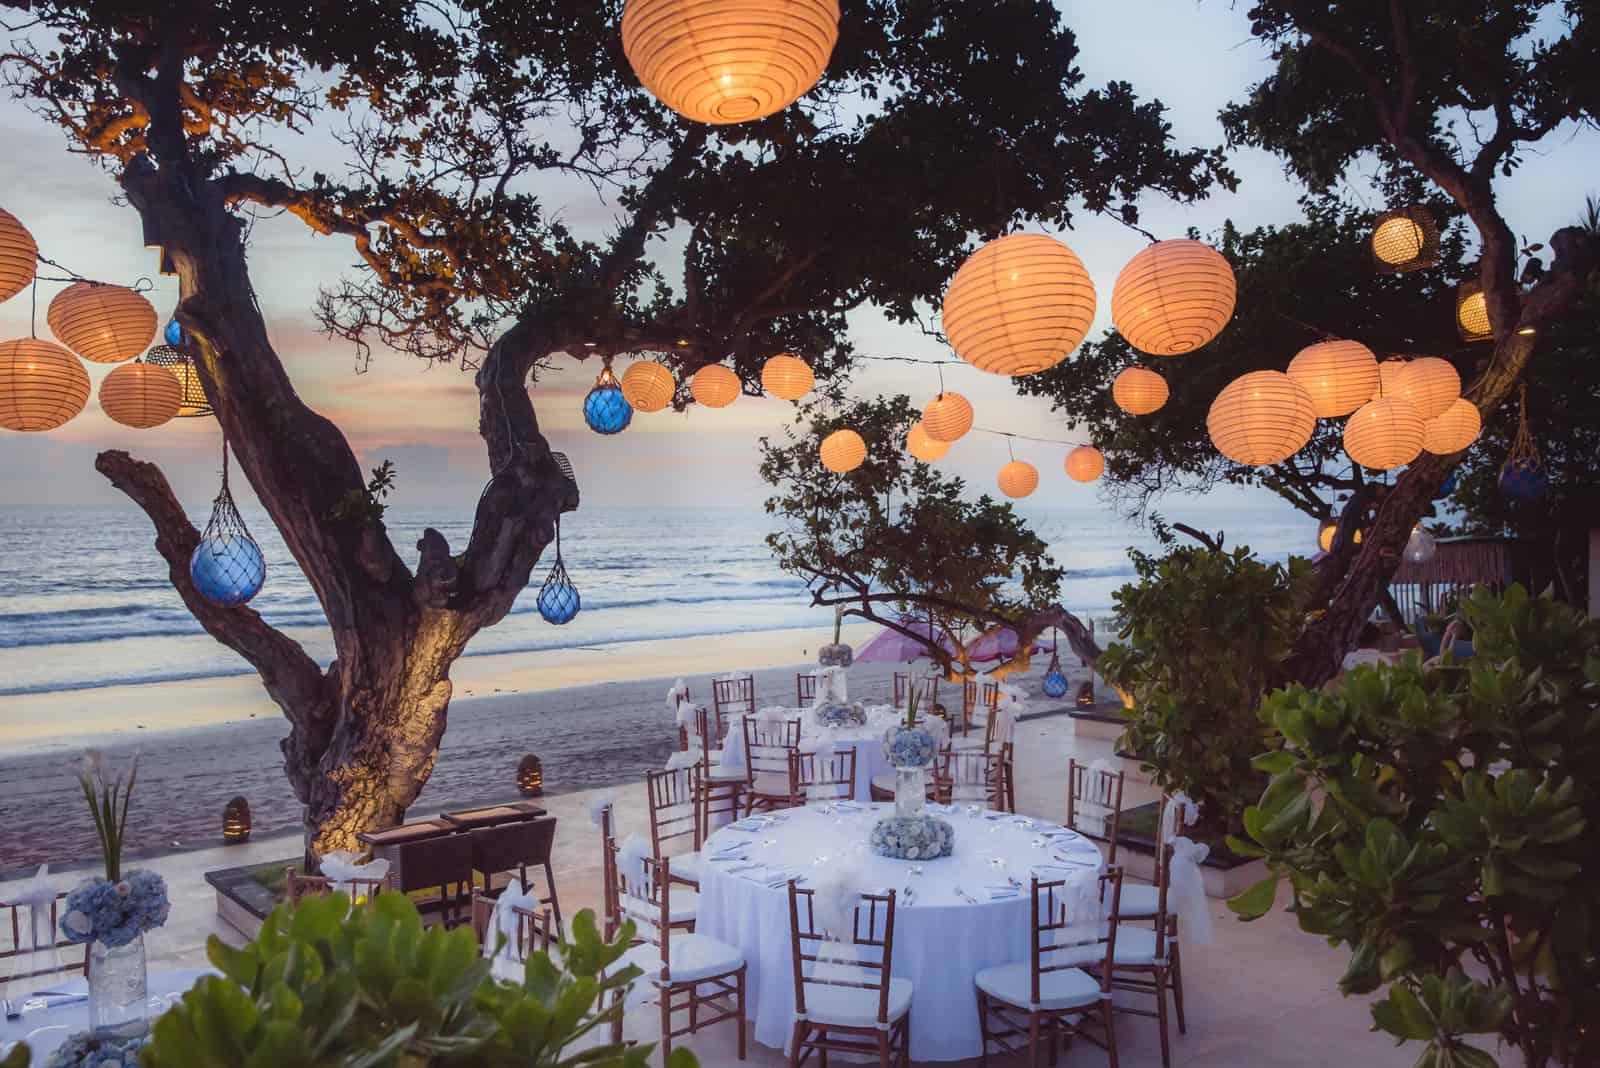 romantisches Abendessen am Strand mit wunderschönem Blick auf den Sonnenuntergang